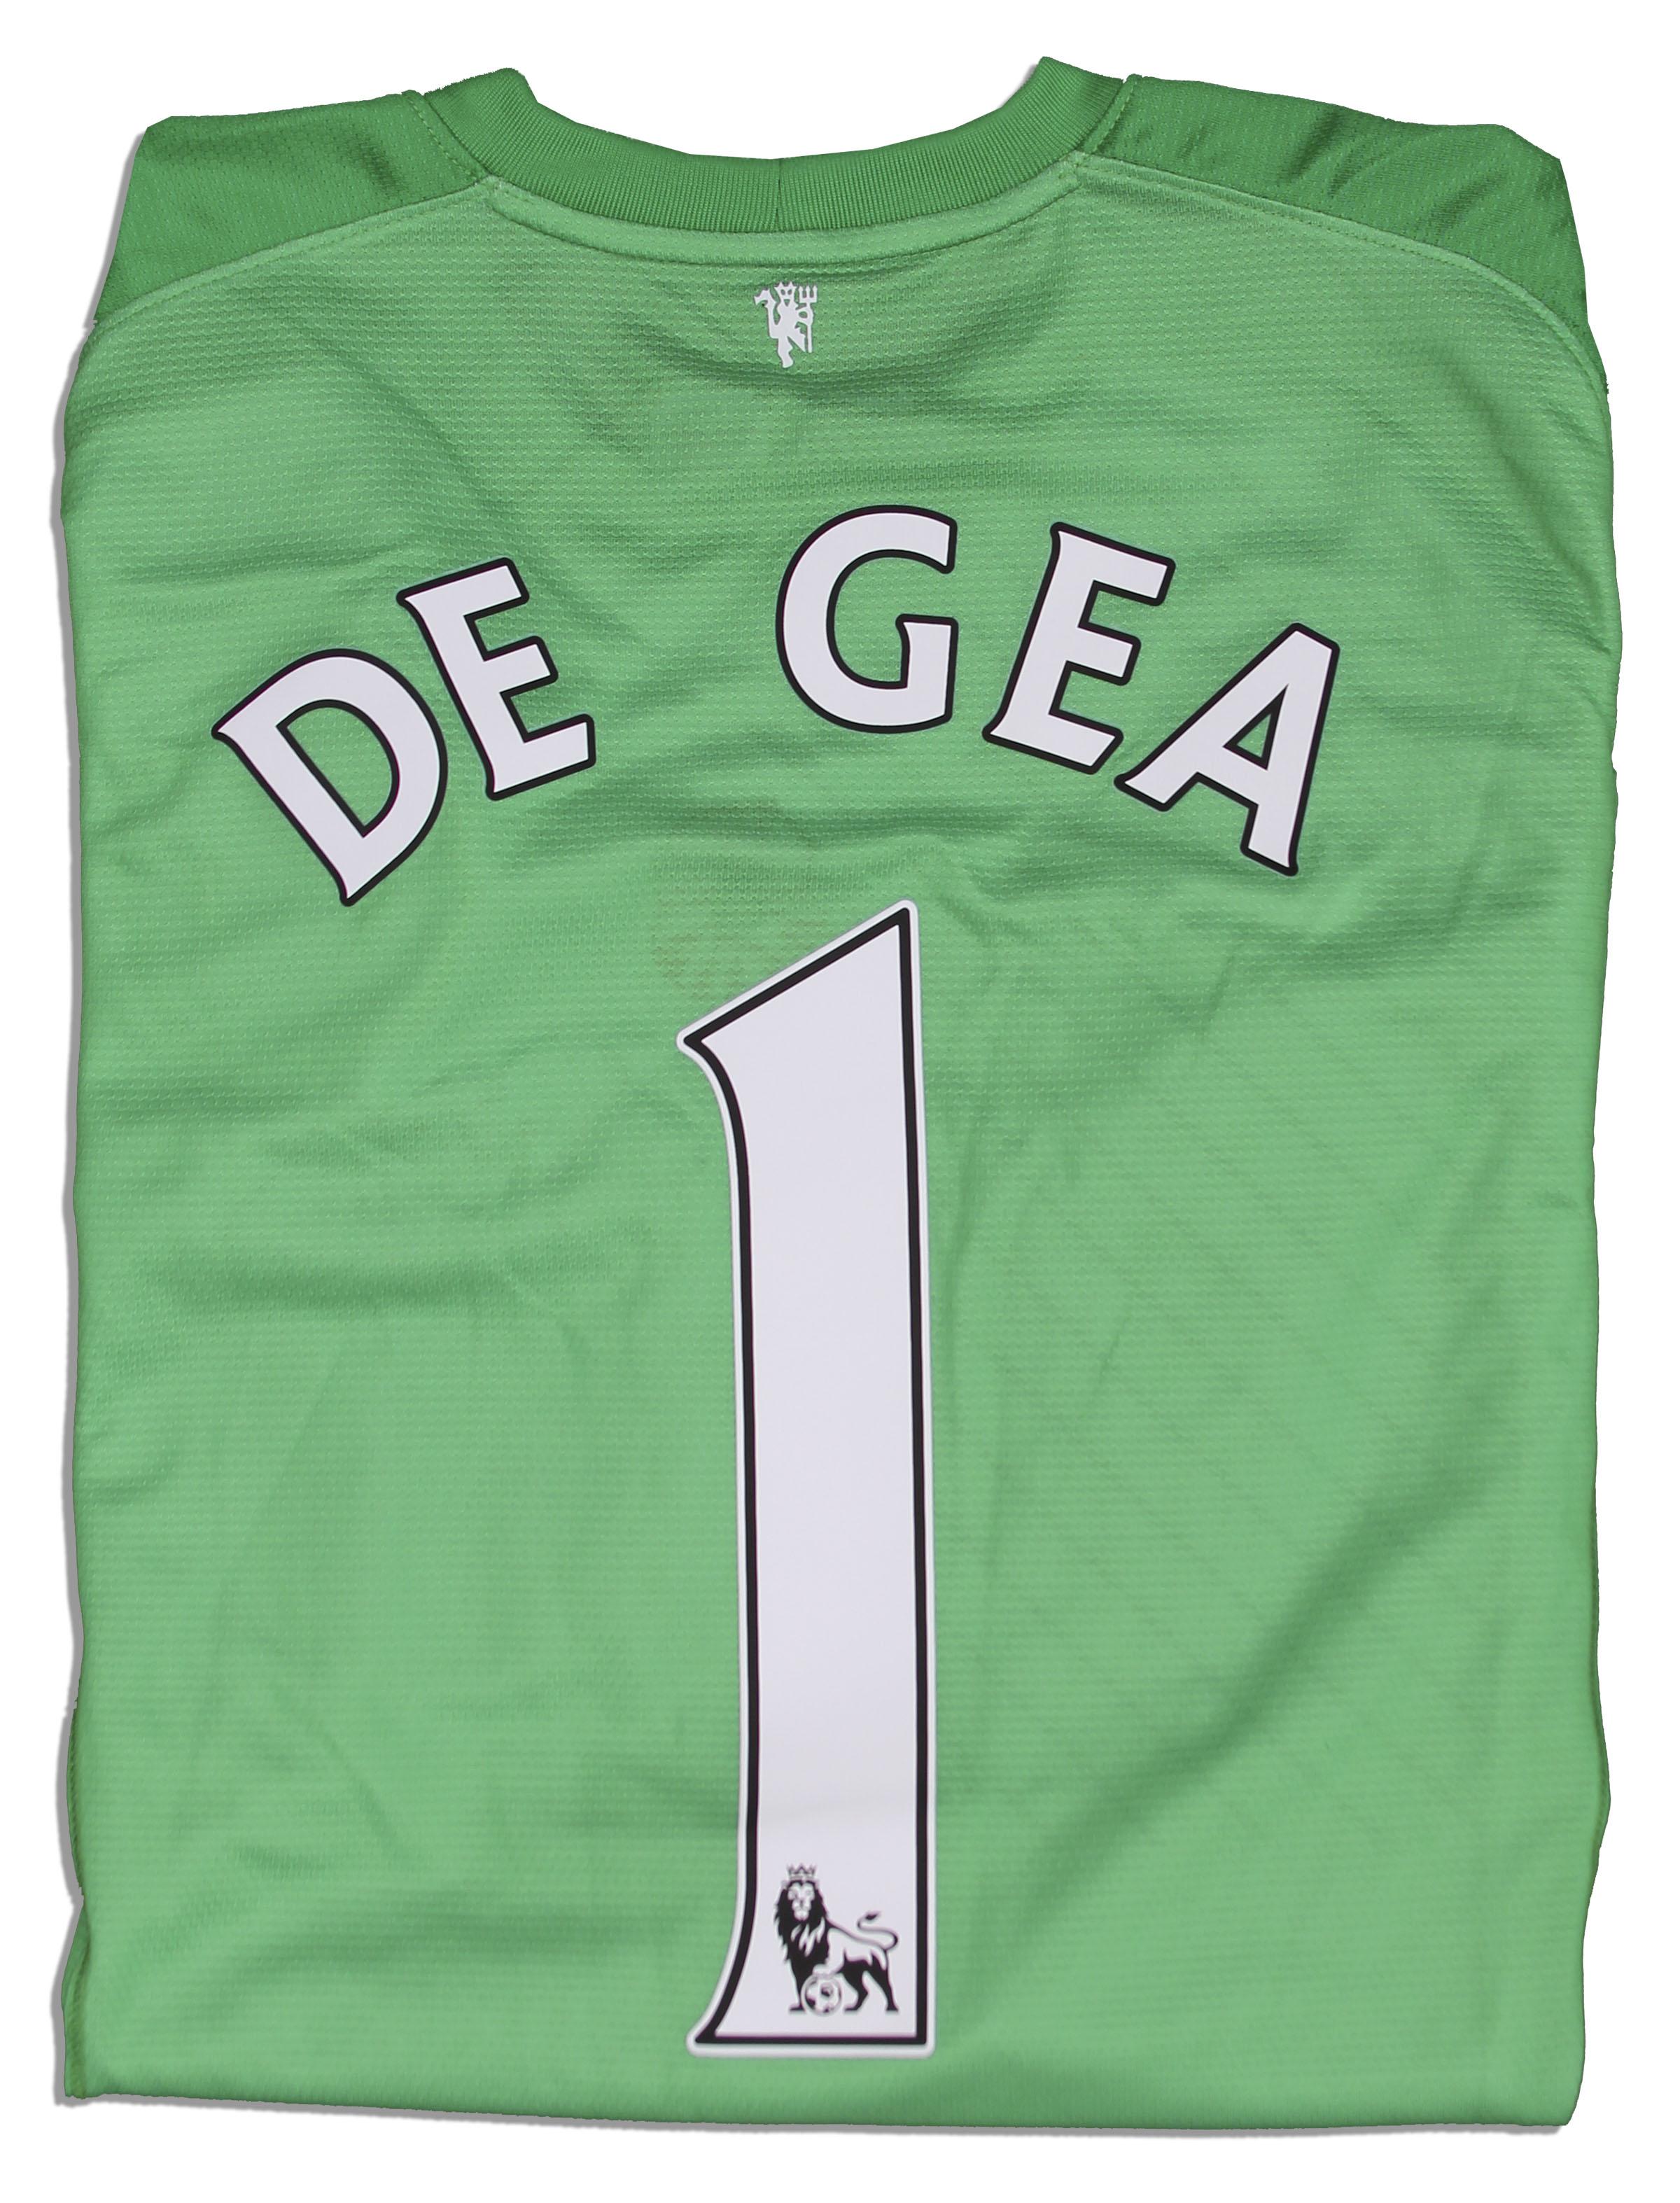 online retailer 37167 a992d Lot Detail - David DeGea Match Worn Manchester United Shirt ...